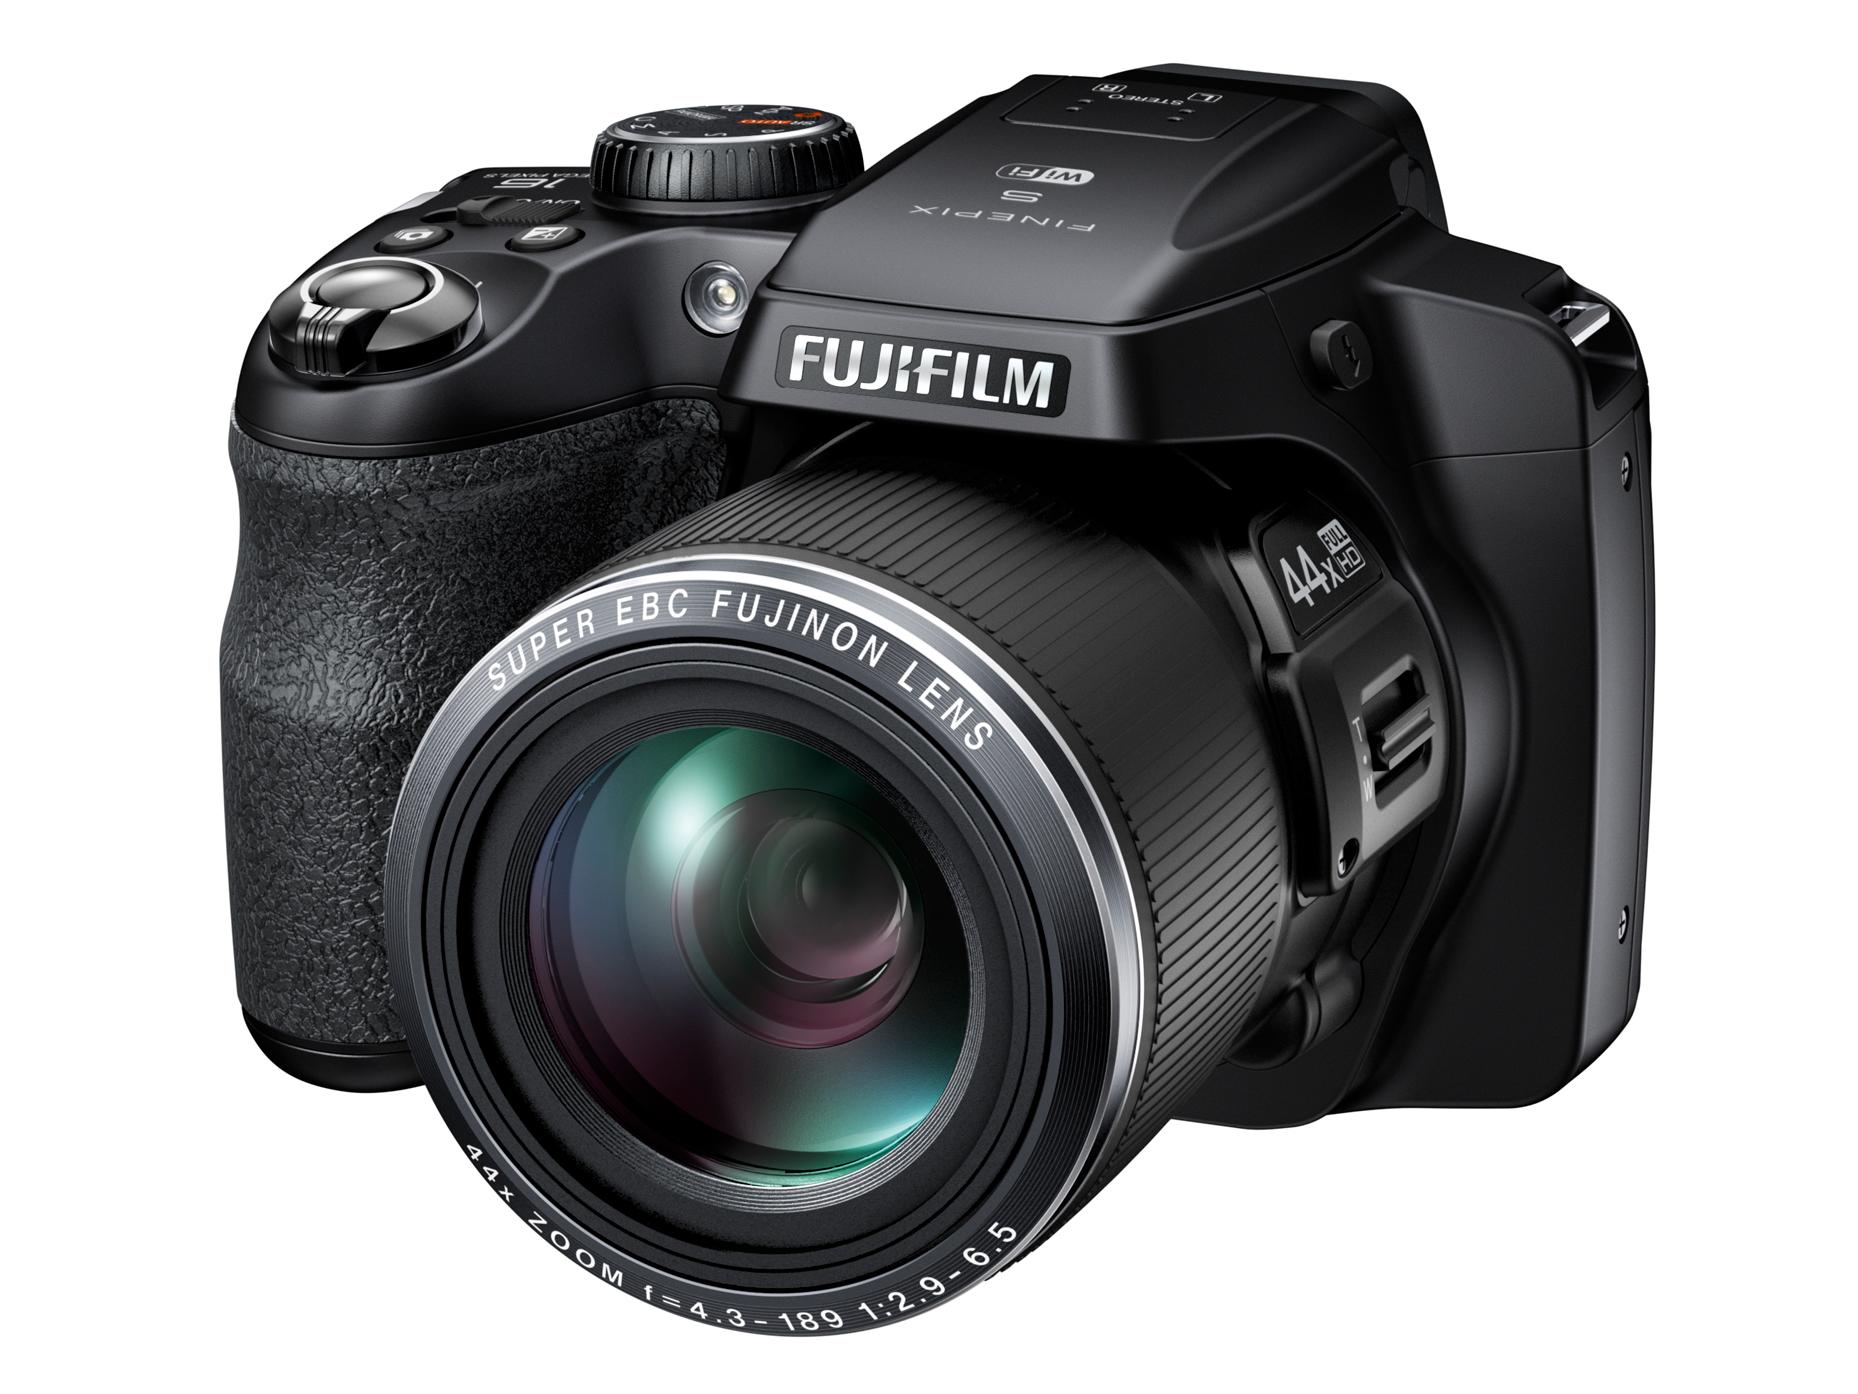 Длиннофокусный компакт-аппарат Fujifilm Finepix S8400W позволяет быстро передавать отснятые материалы без проводов